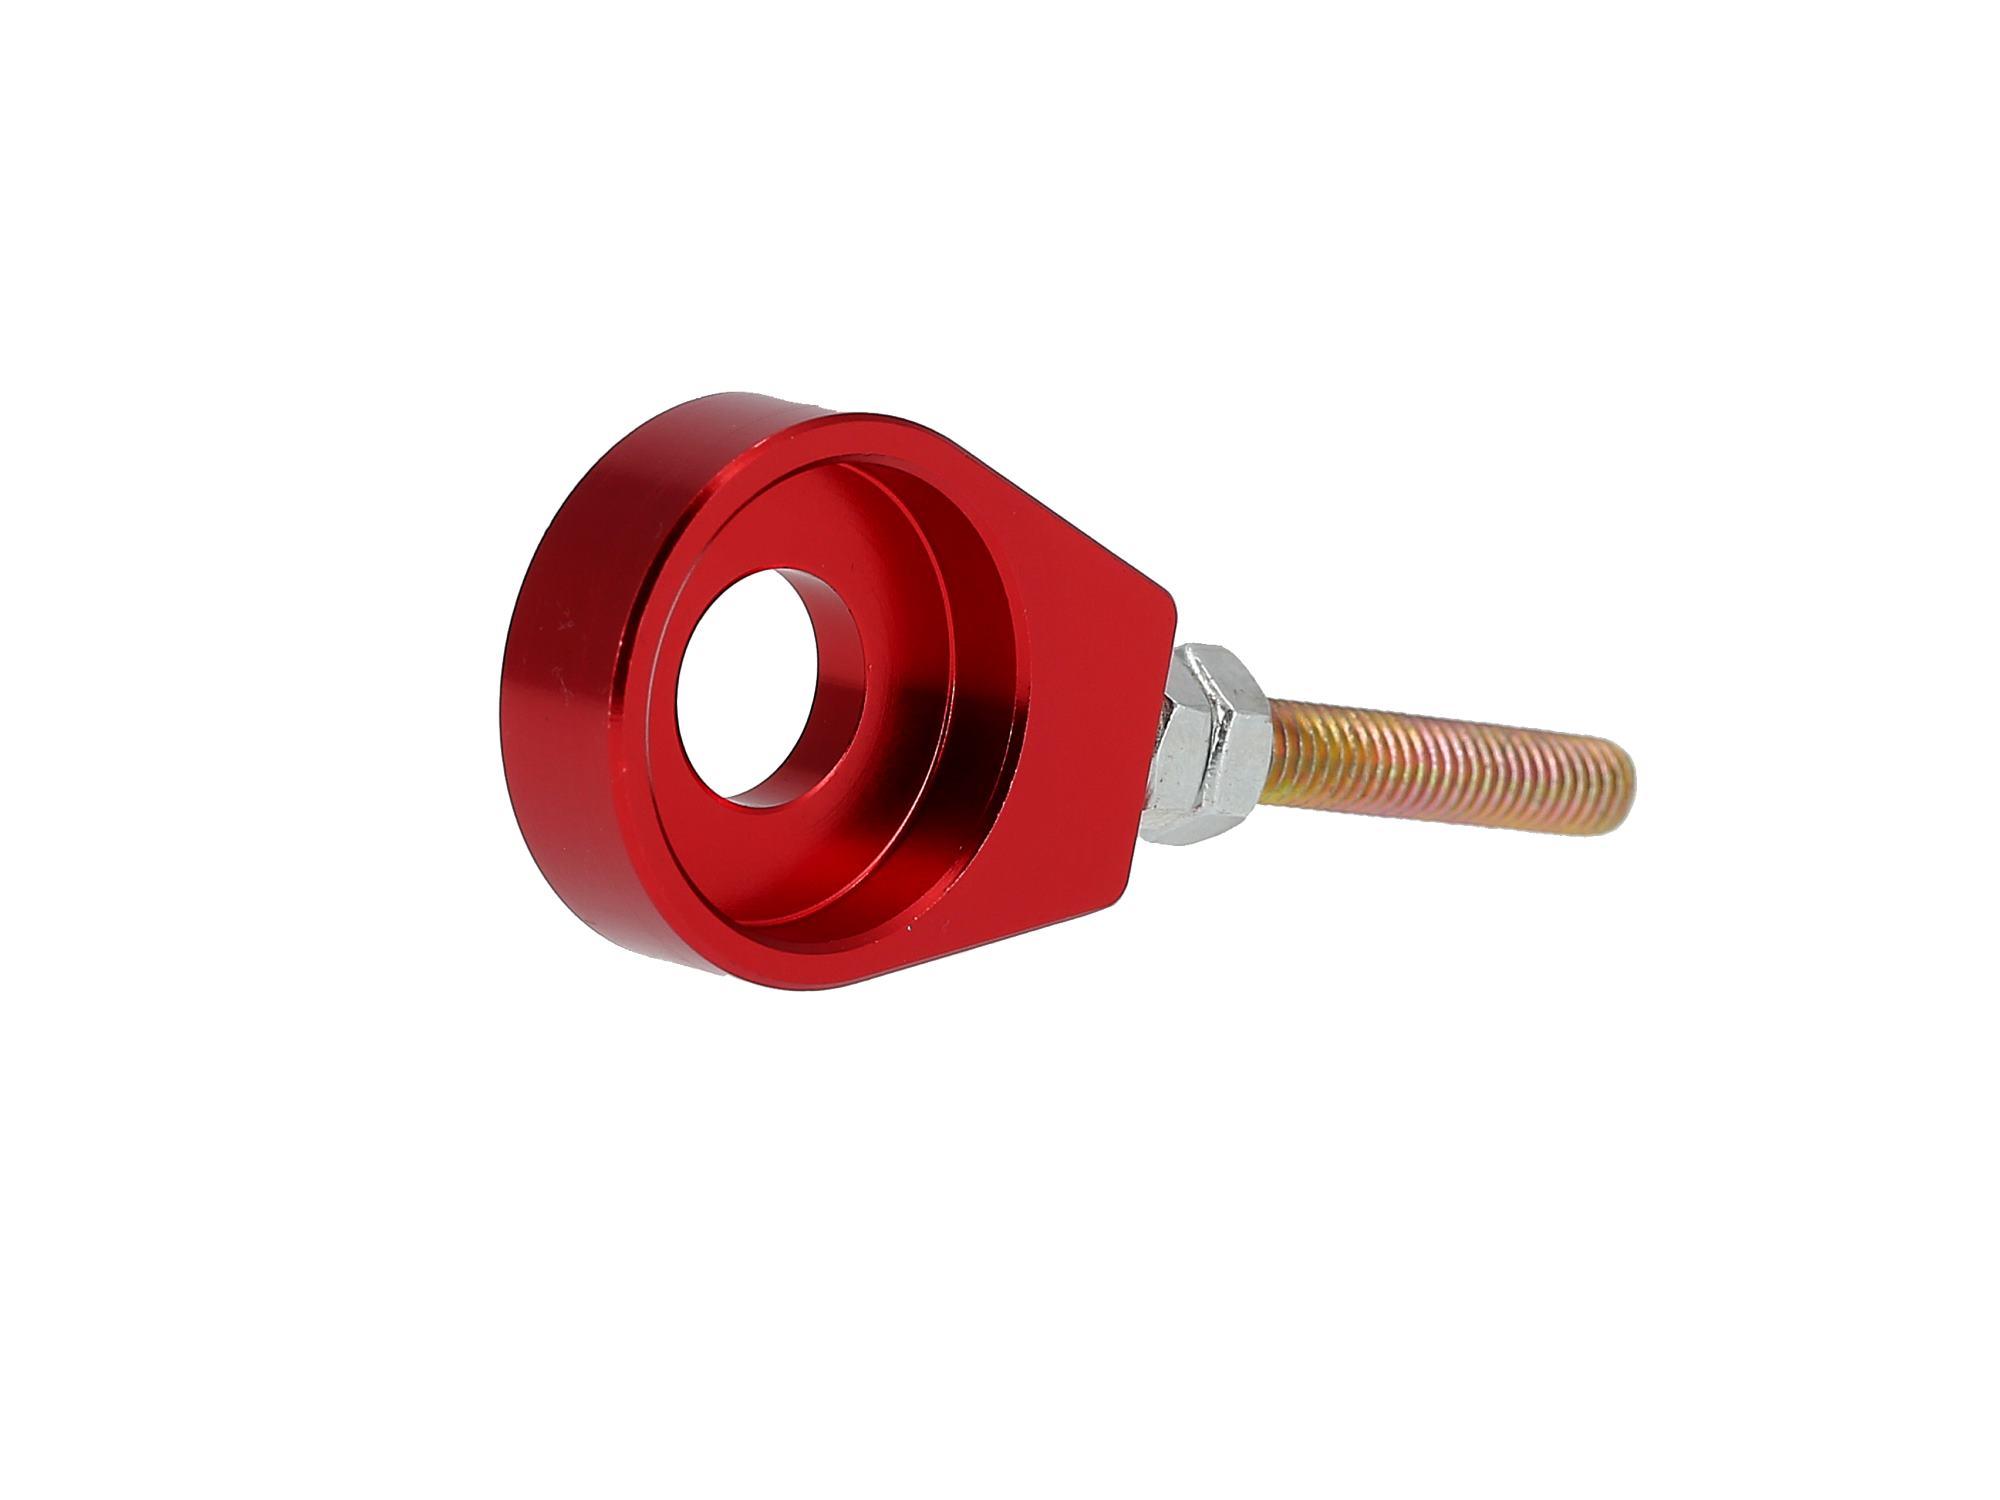 Set: 2x Kettenspanner für Schwinge, Aluminium Rot eloxiert - Simson S51, S50, SR50, Schwalbe KR51, SR4, Art.-Nr.: 10069430 - 360° Bild